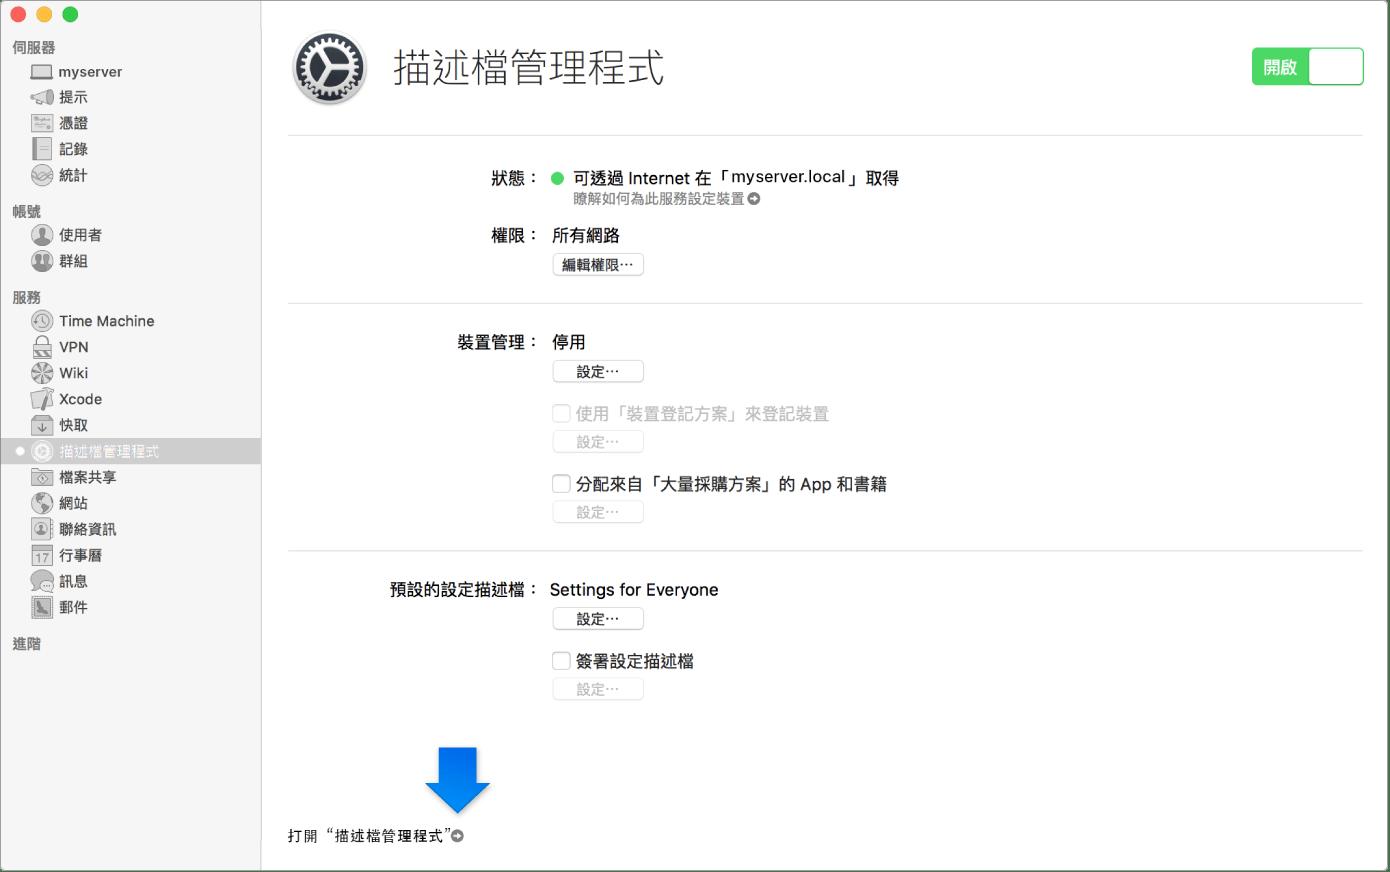 課程 2:套用描述檔, OS X Server 輔助說明